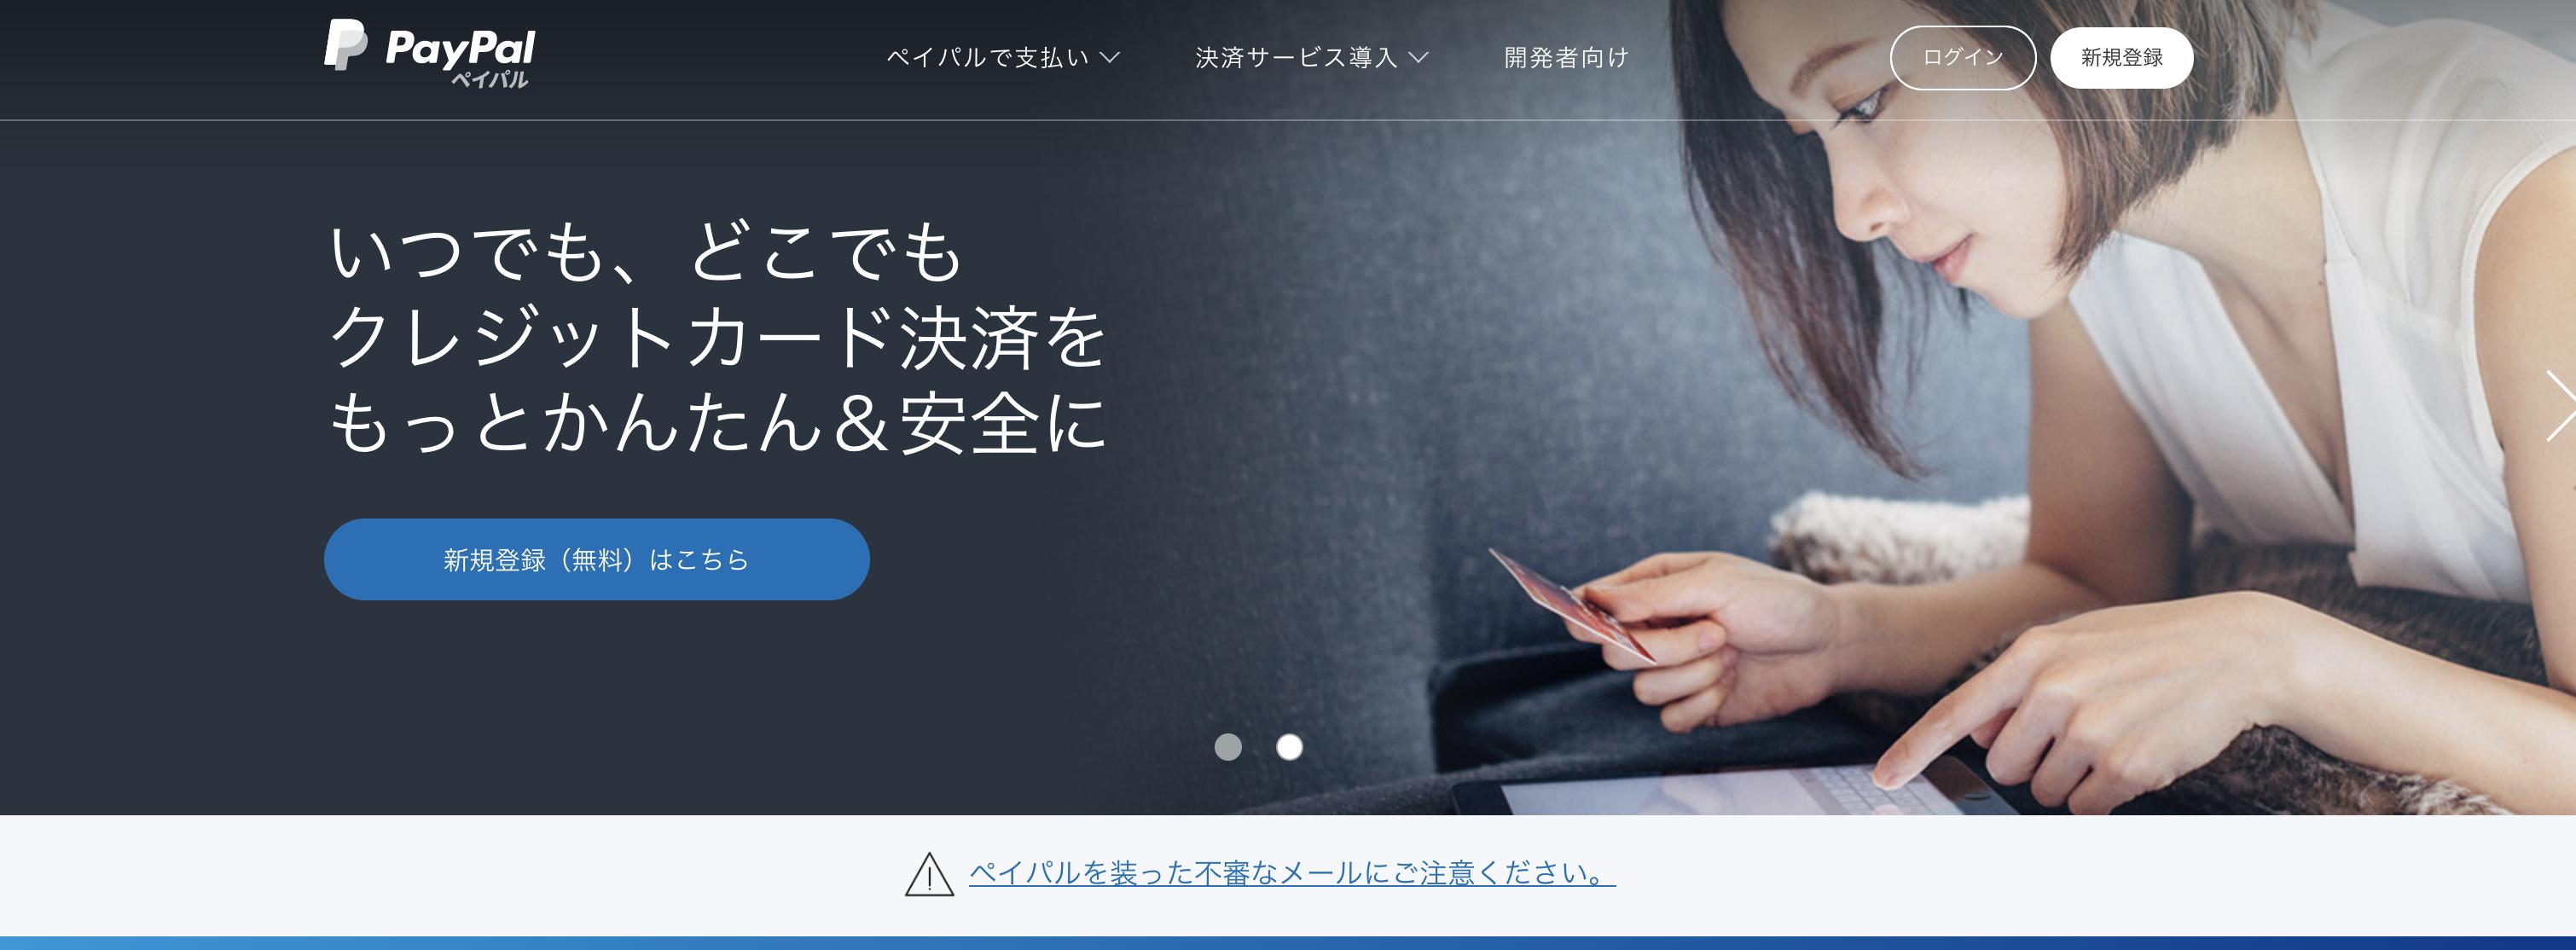 PayPalの公式サイト